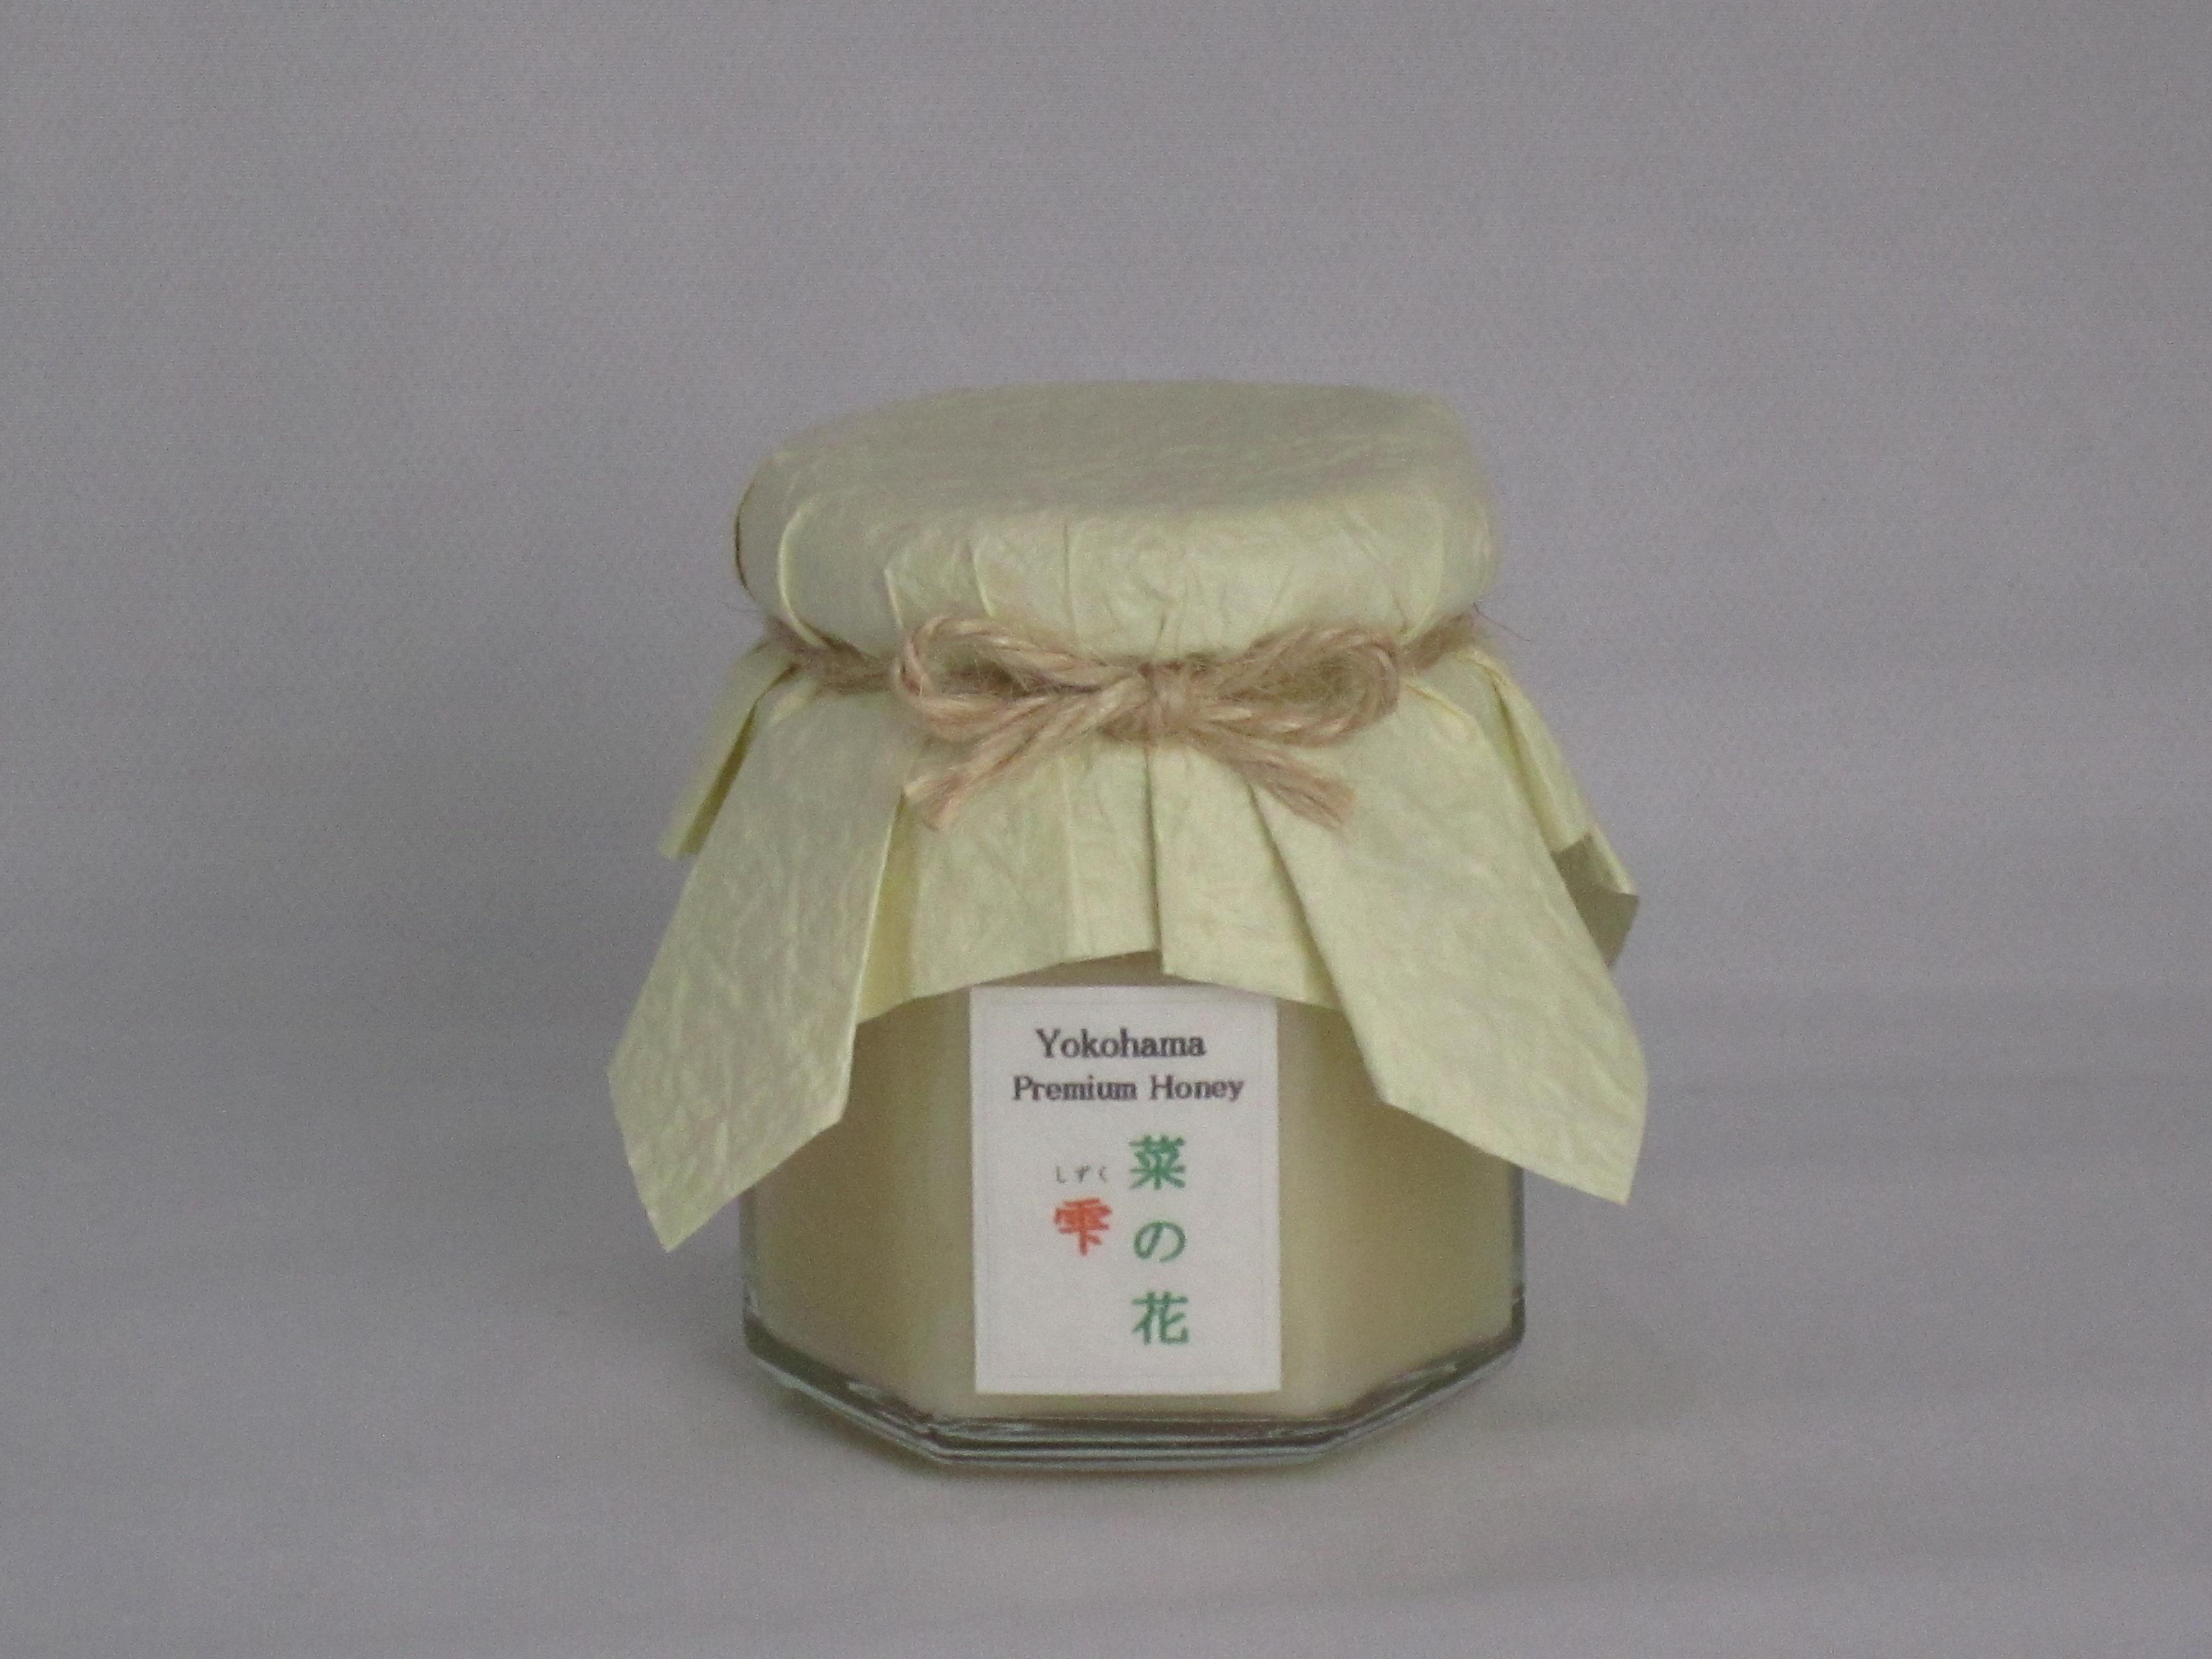 澤谷養蜂園 プレミアム菜の花生はちみつ